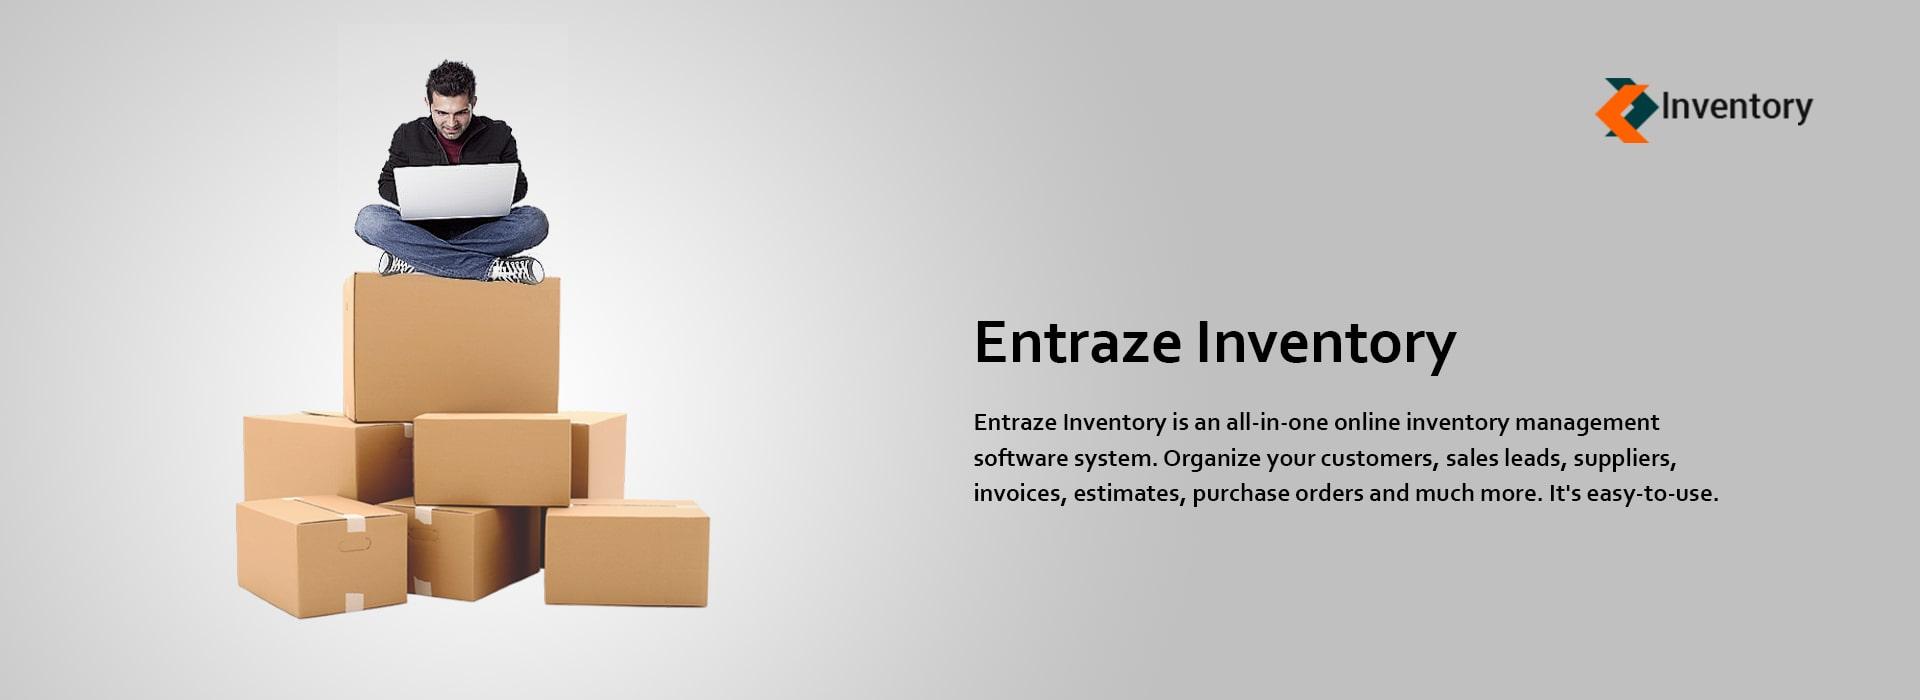 Entraze Inventory